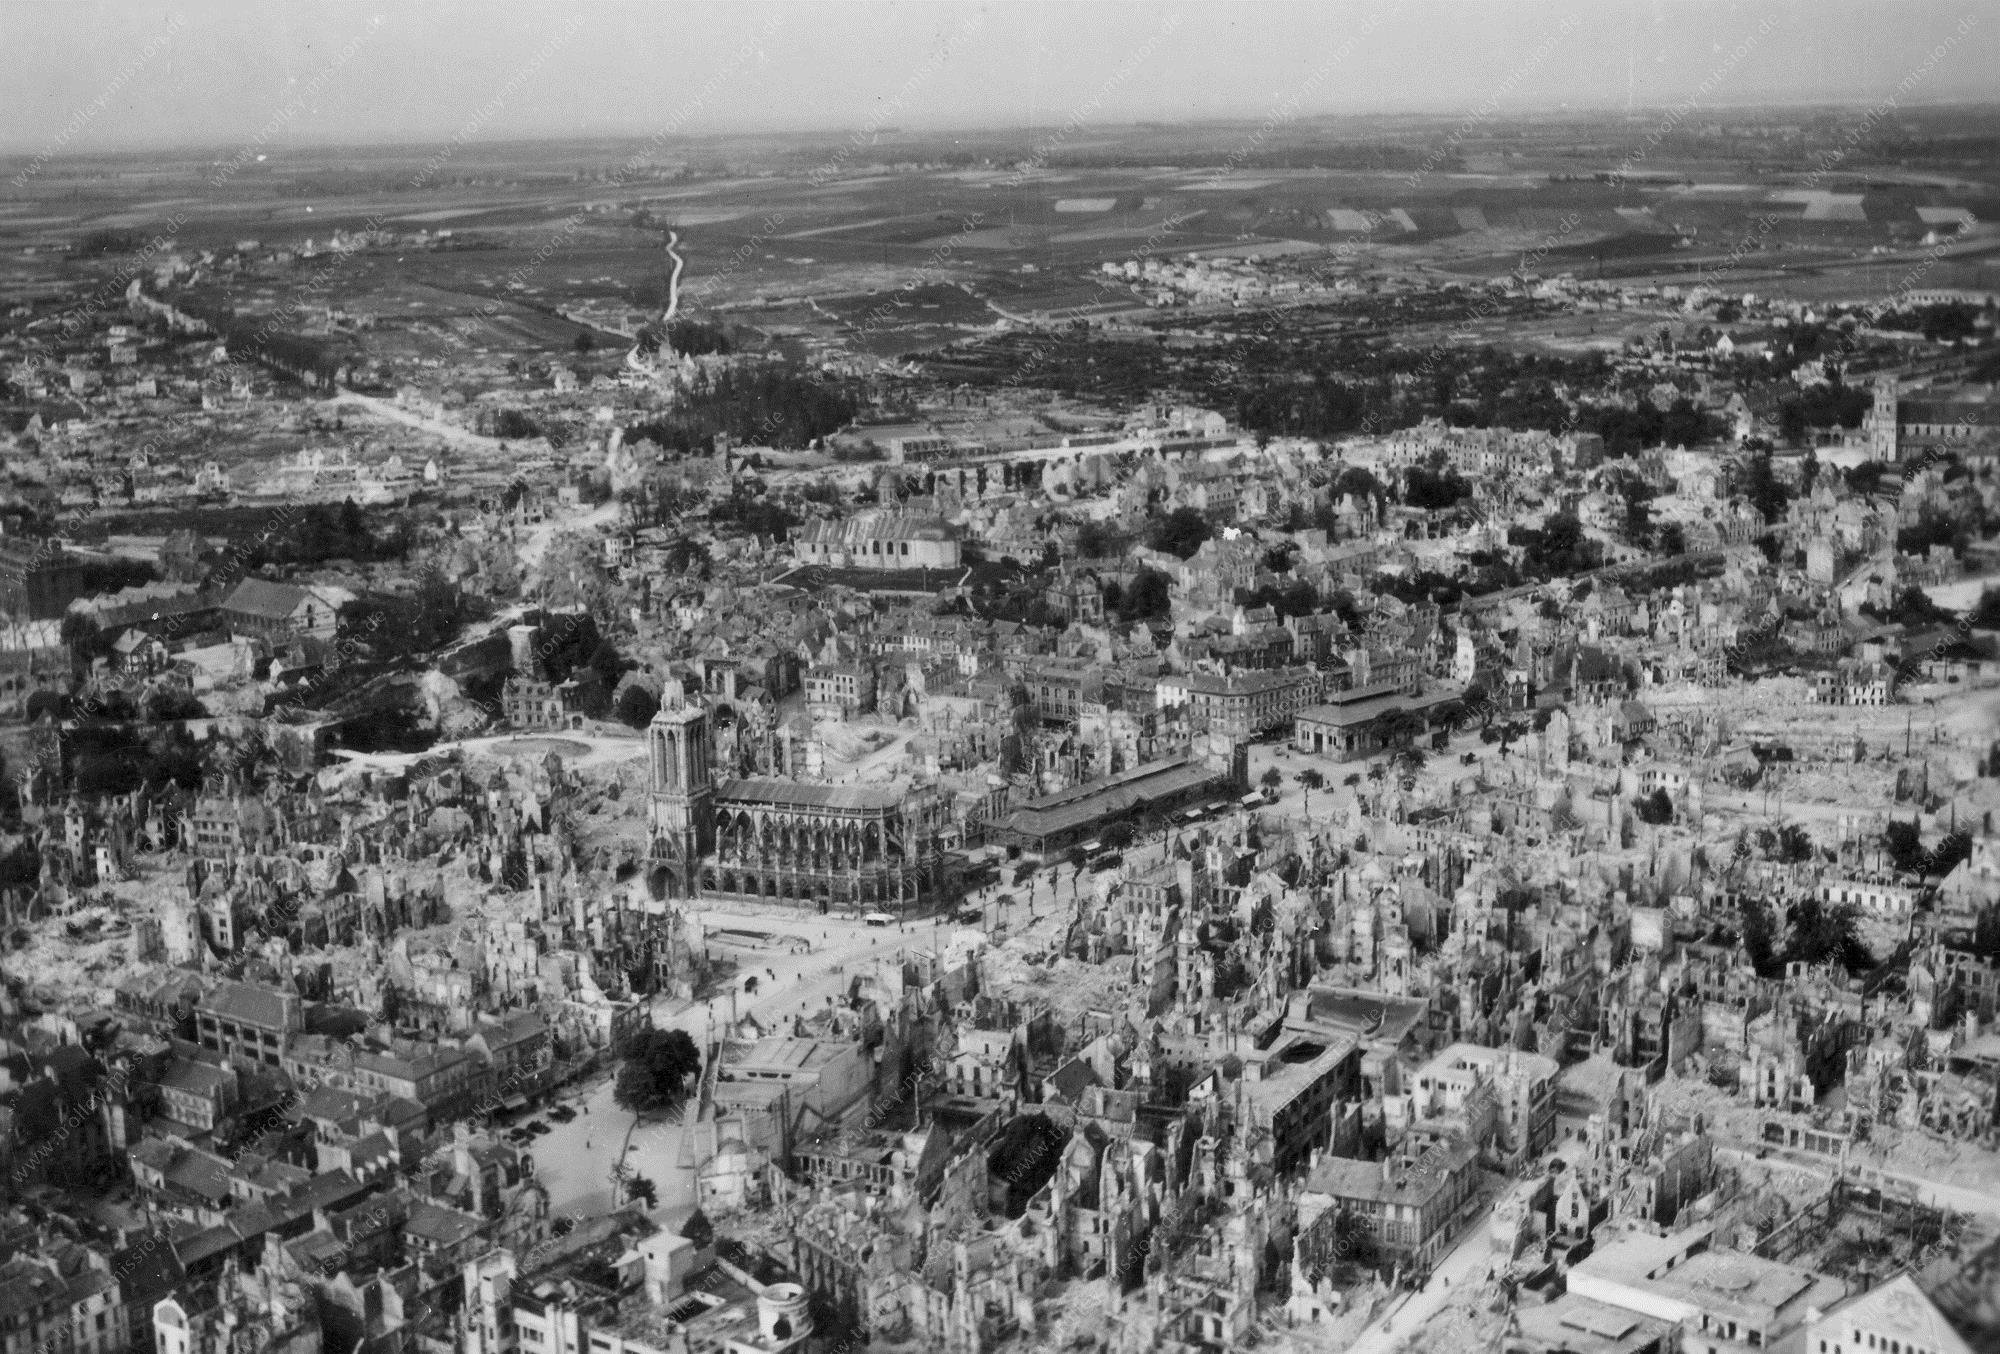 Luftbild der Kirche Église Saint-Pierre und der zerstörten Stadt Caen (Frankreich)